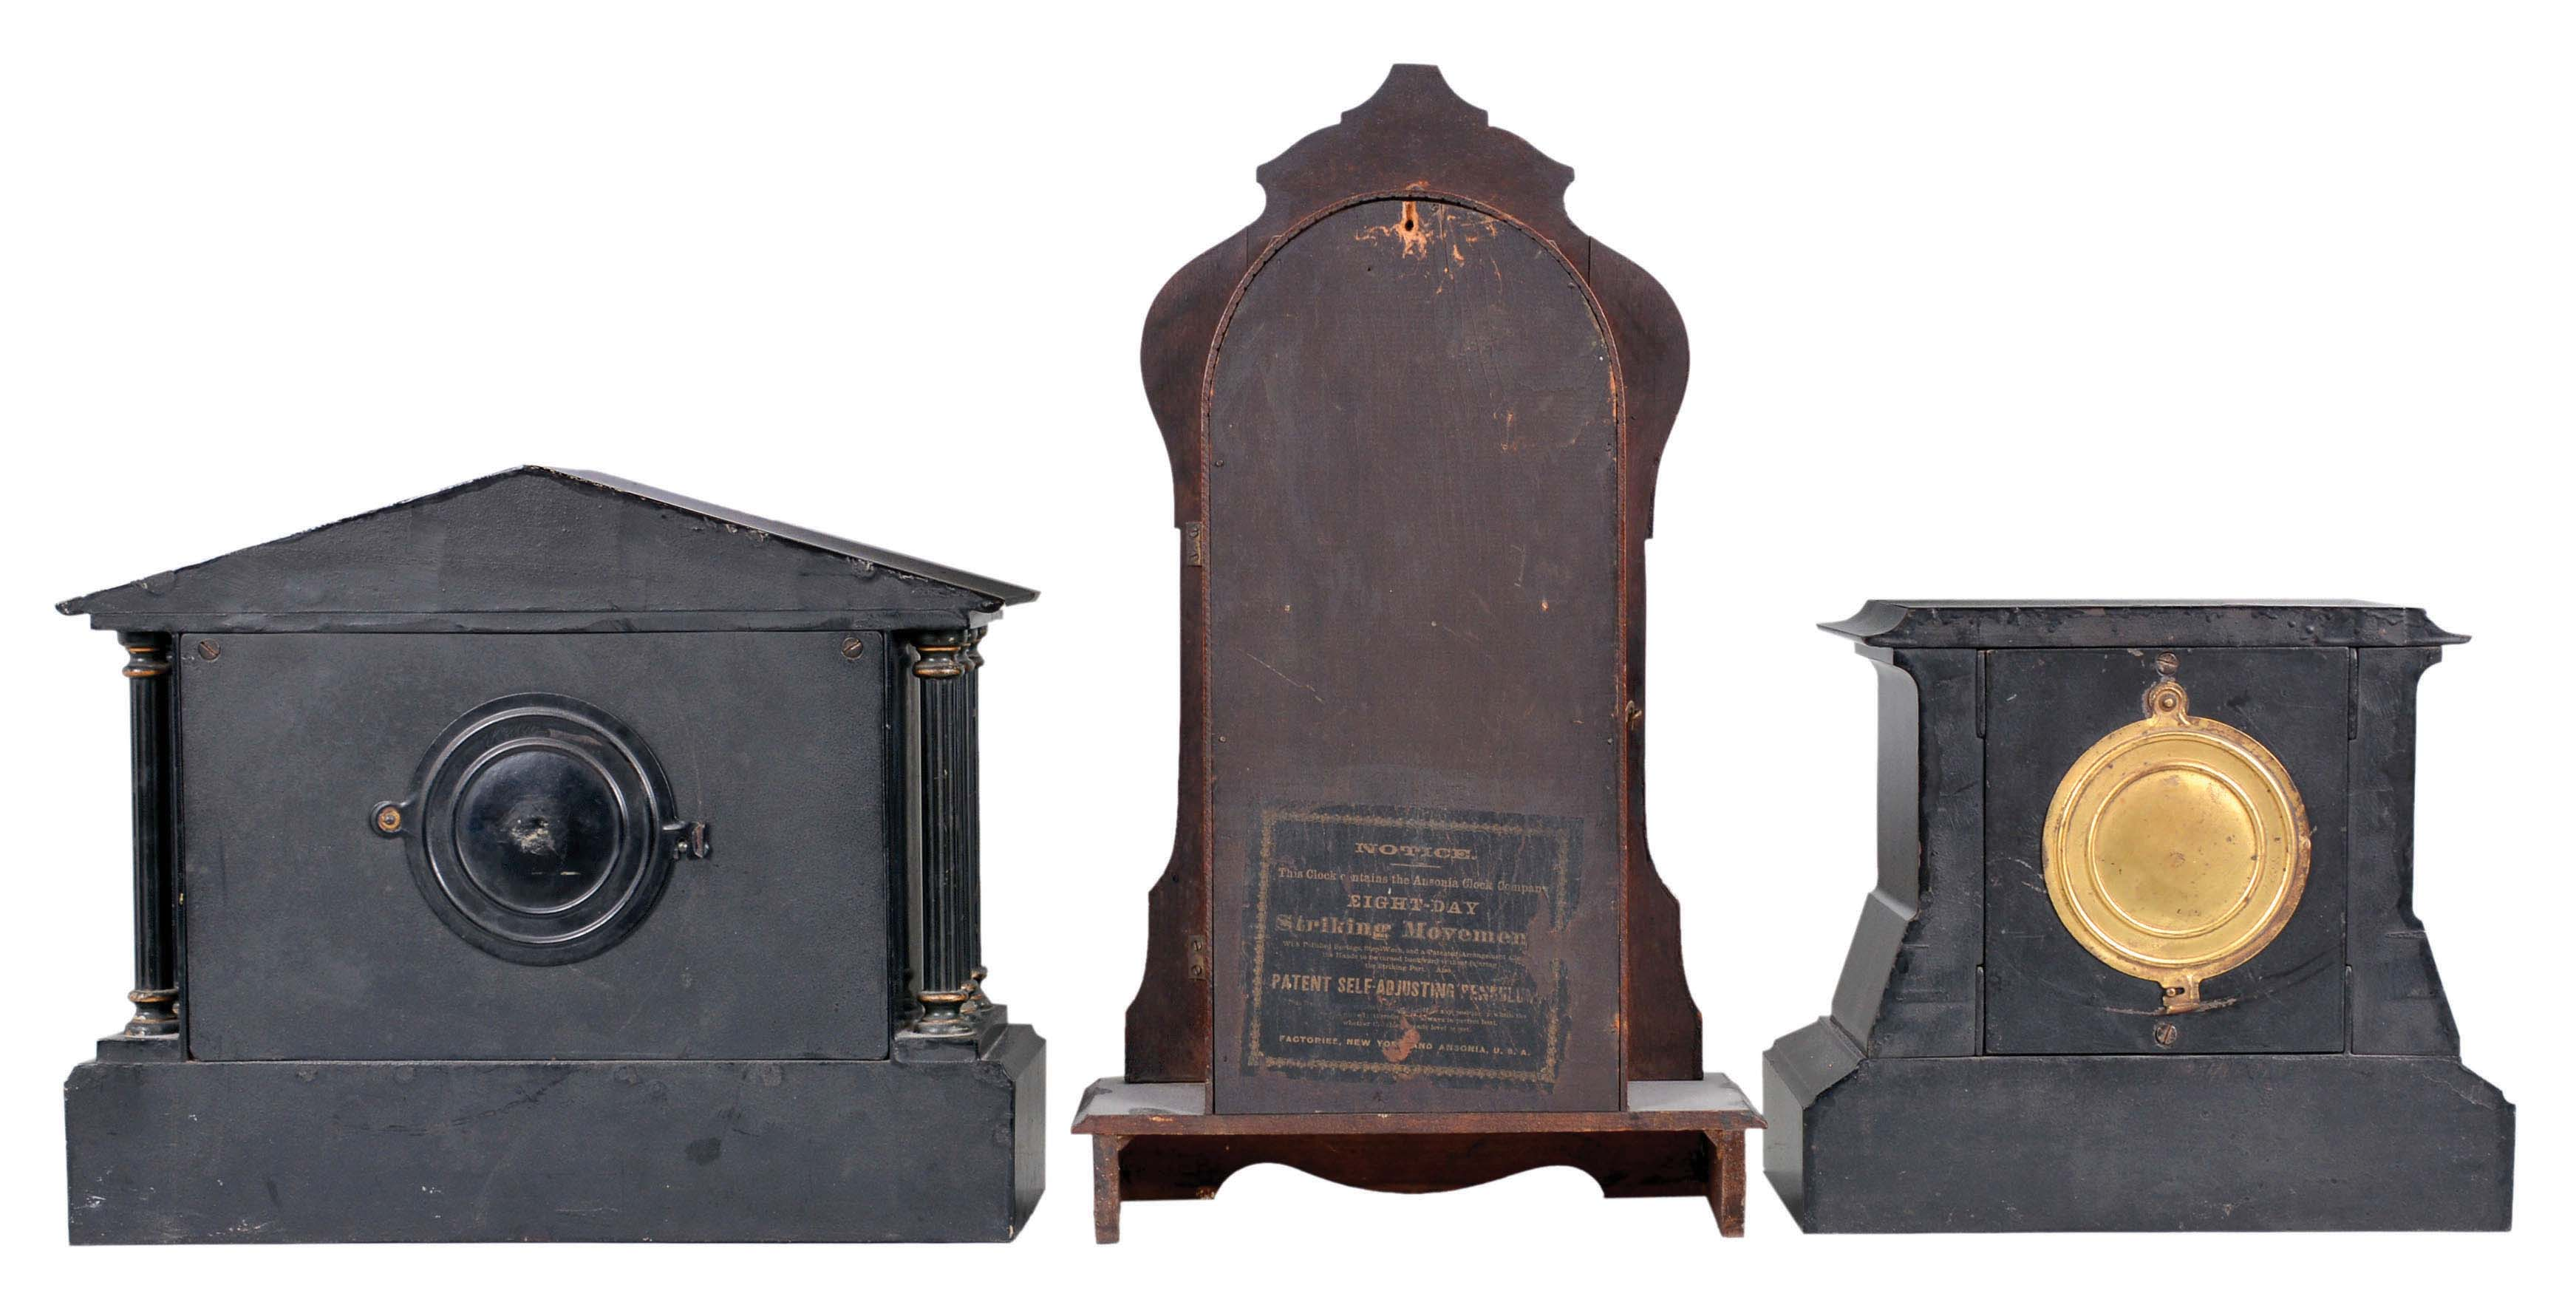 18863_02.jpg